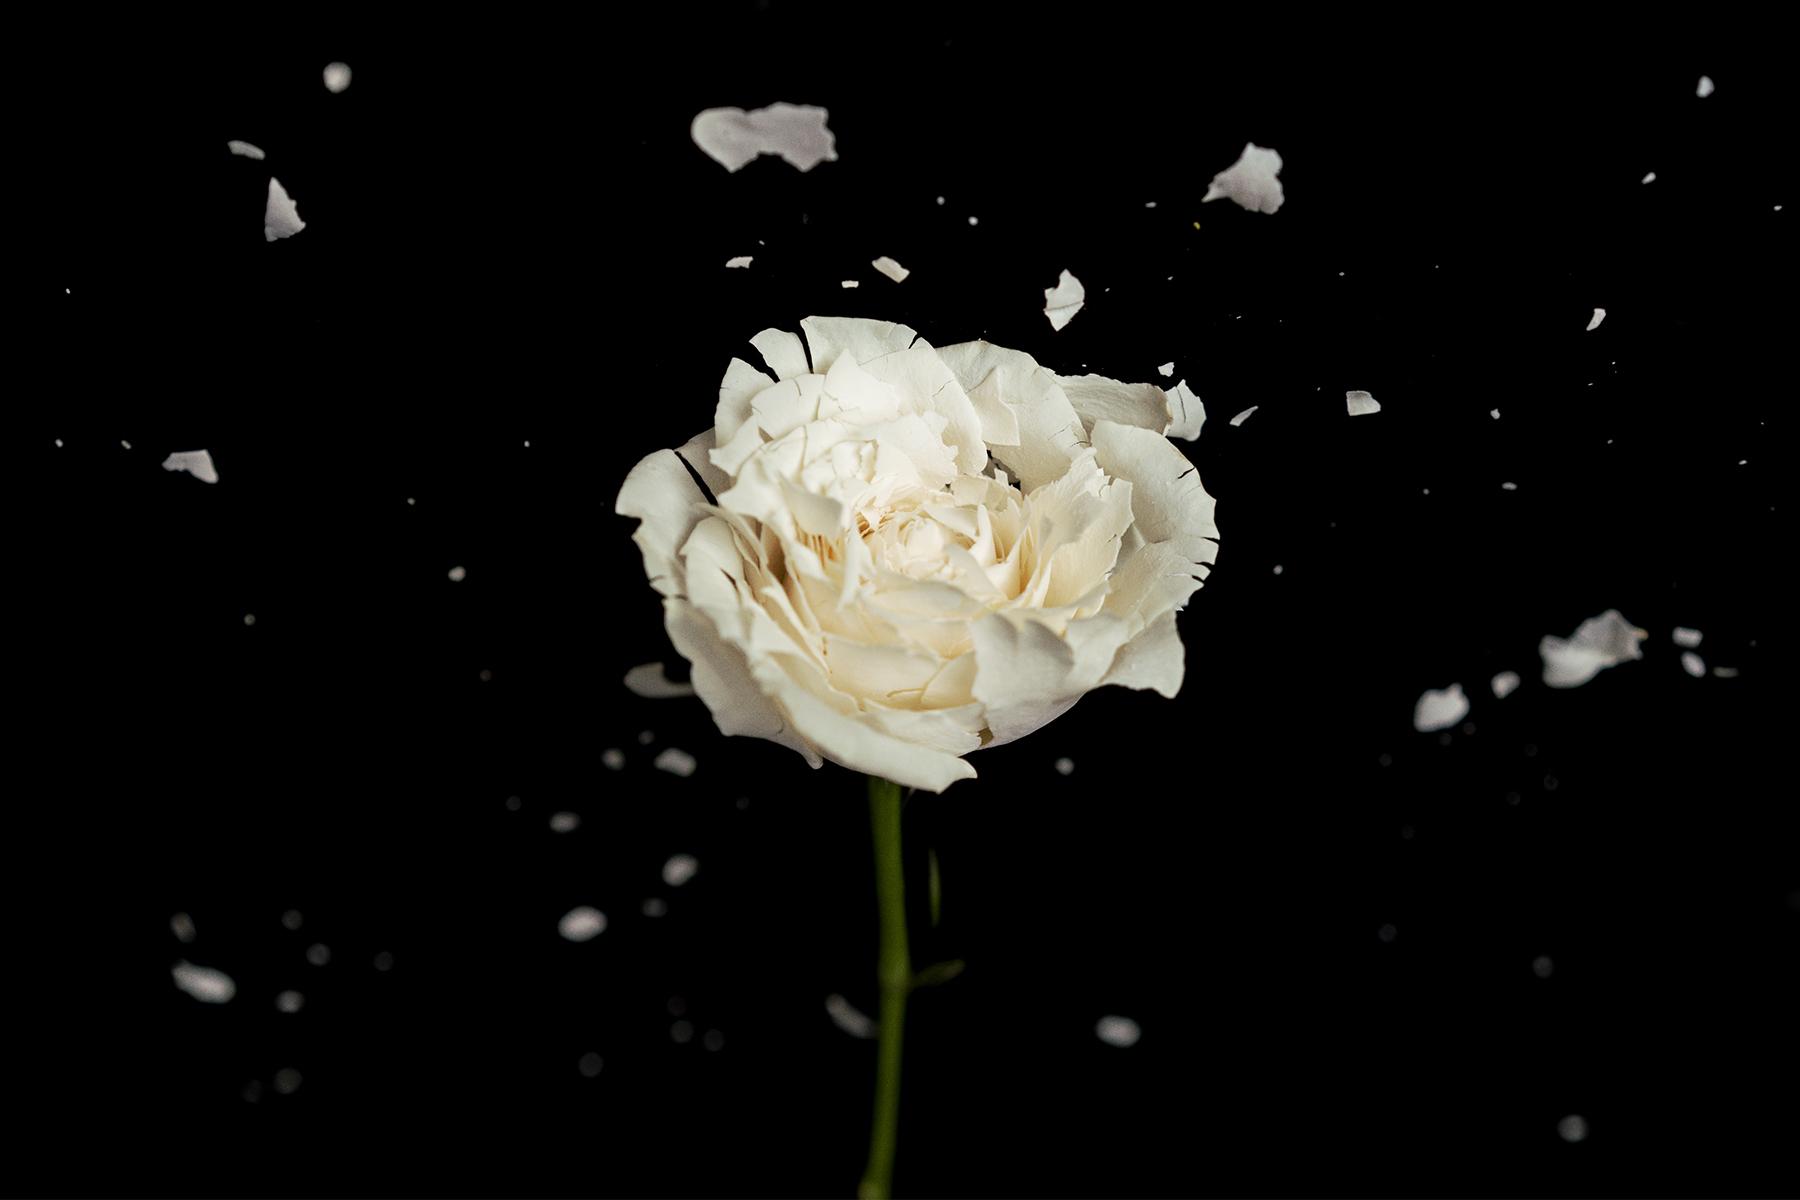 DSC00135-flower-bali-2018-sm.jpg